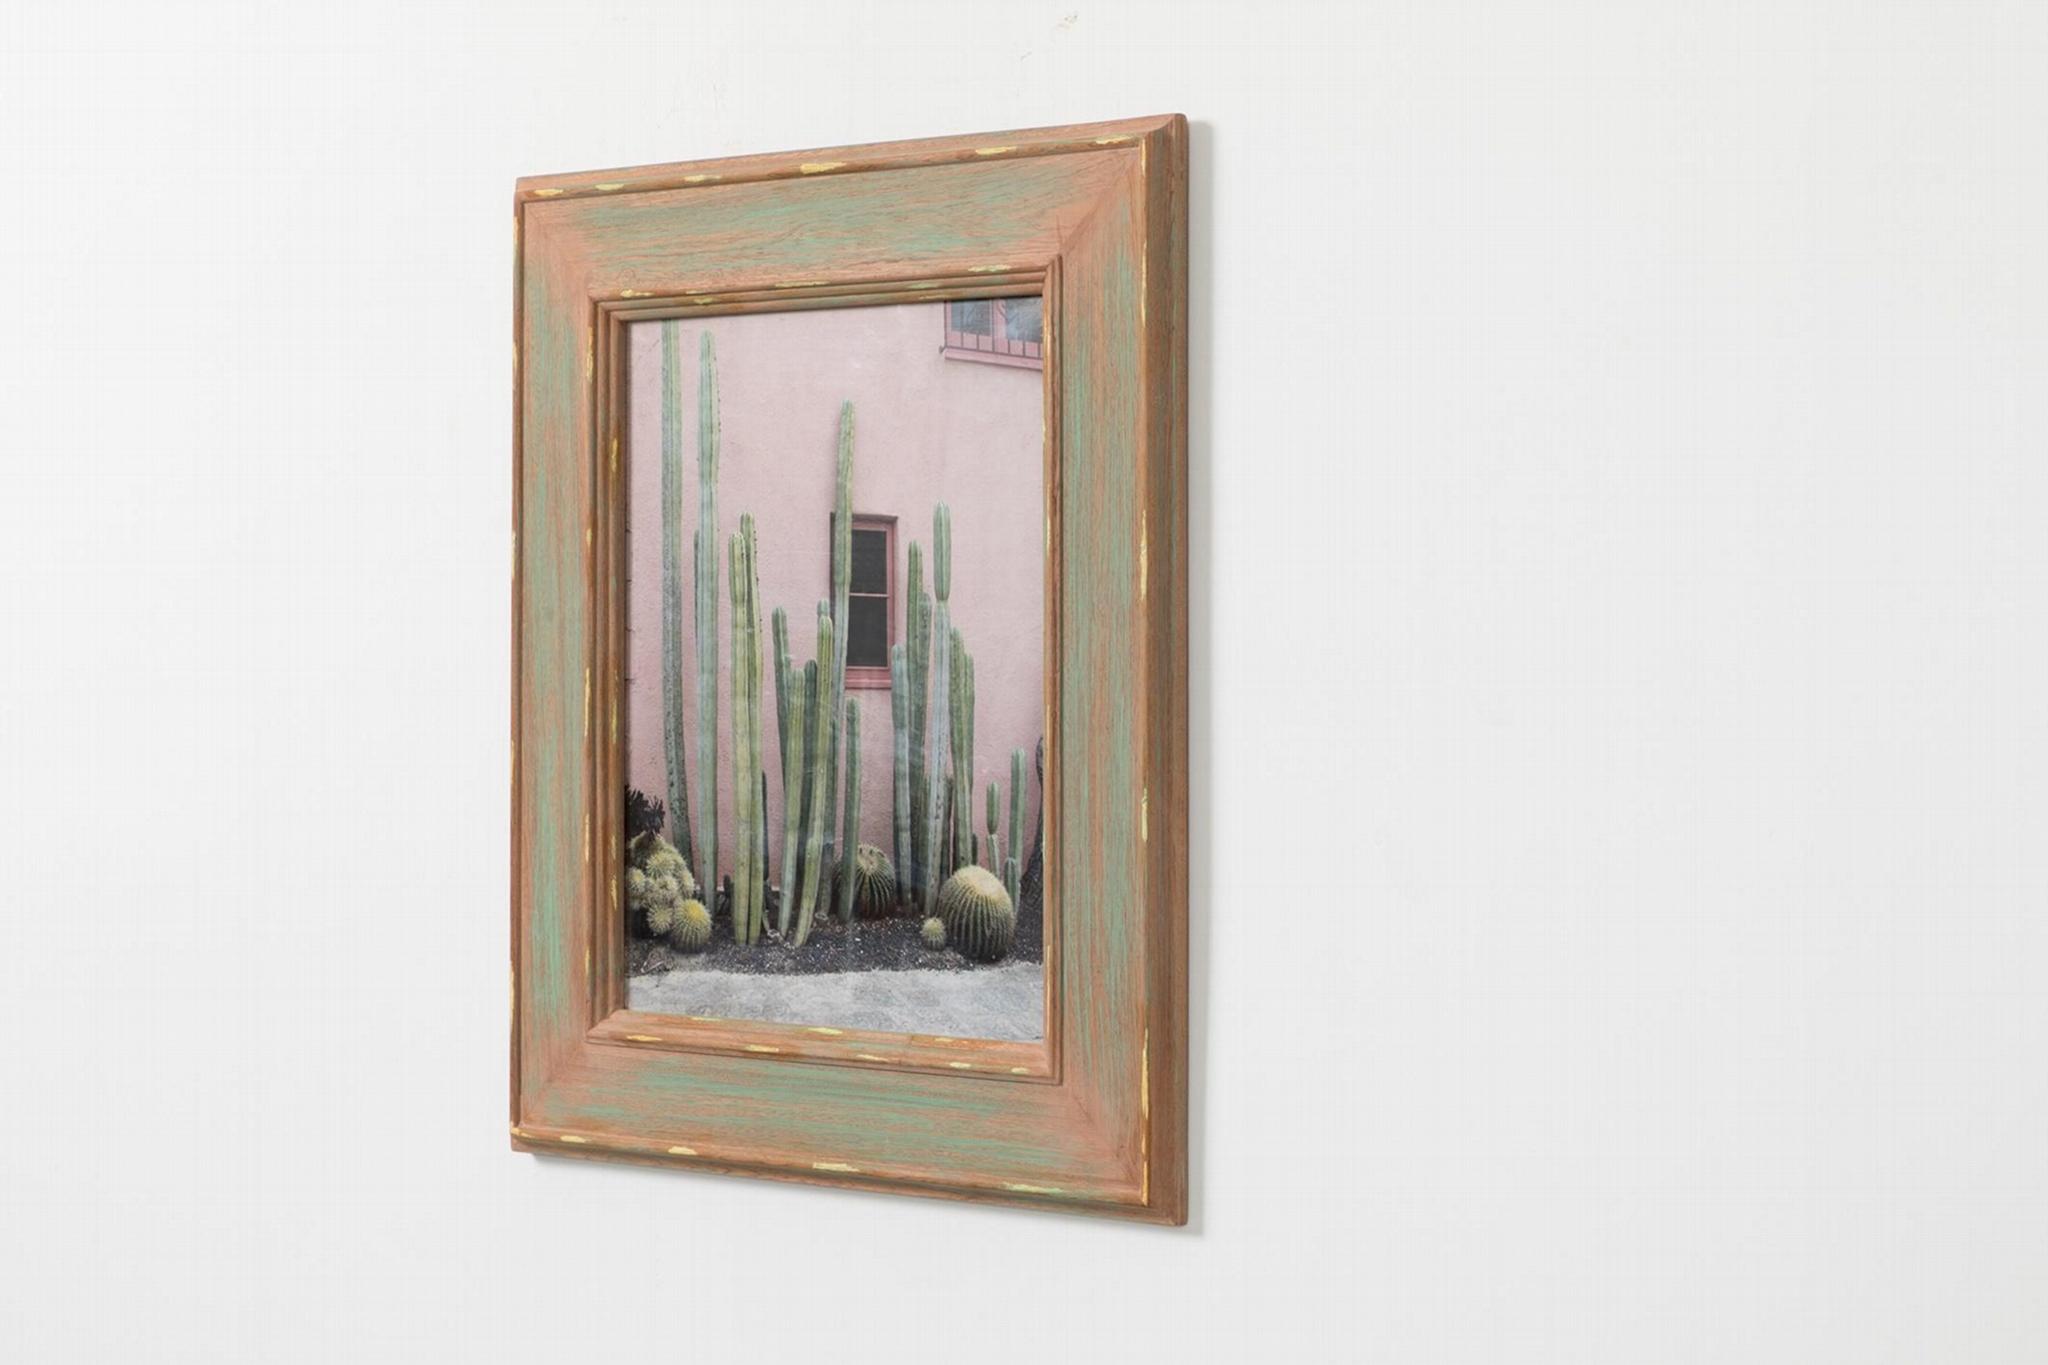 Solid wood frame 2